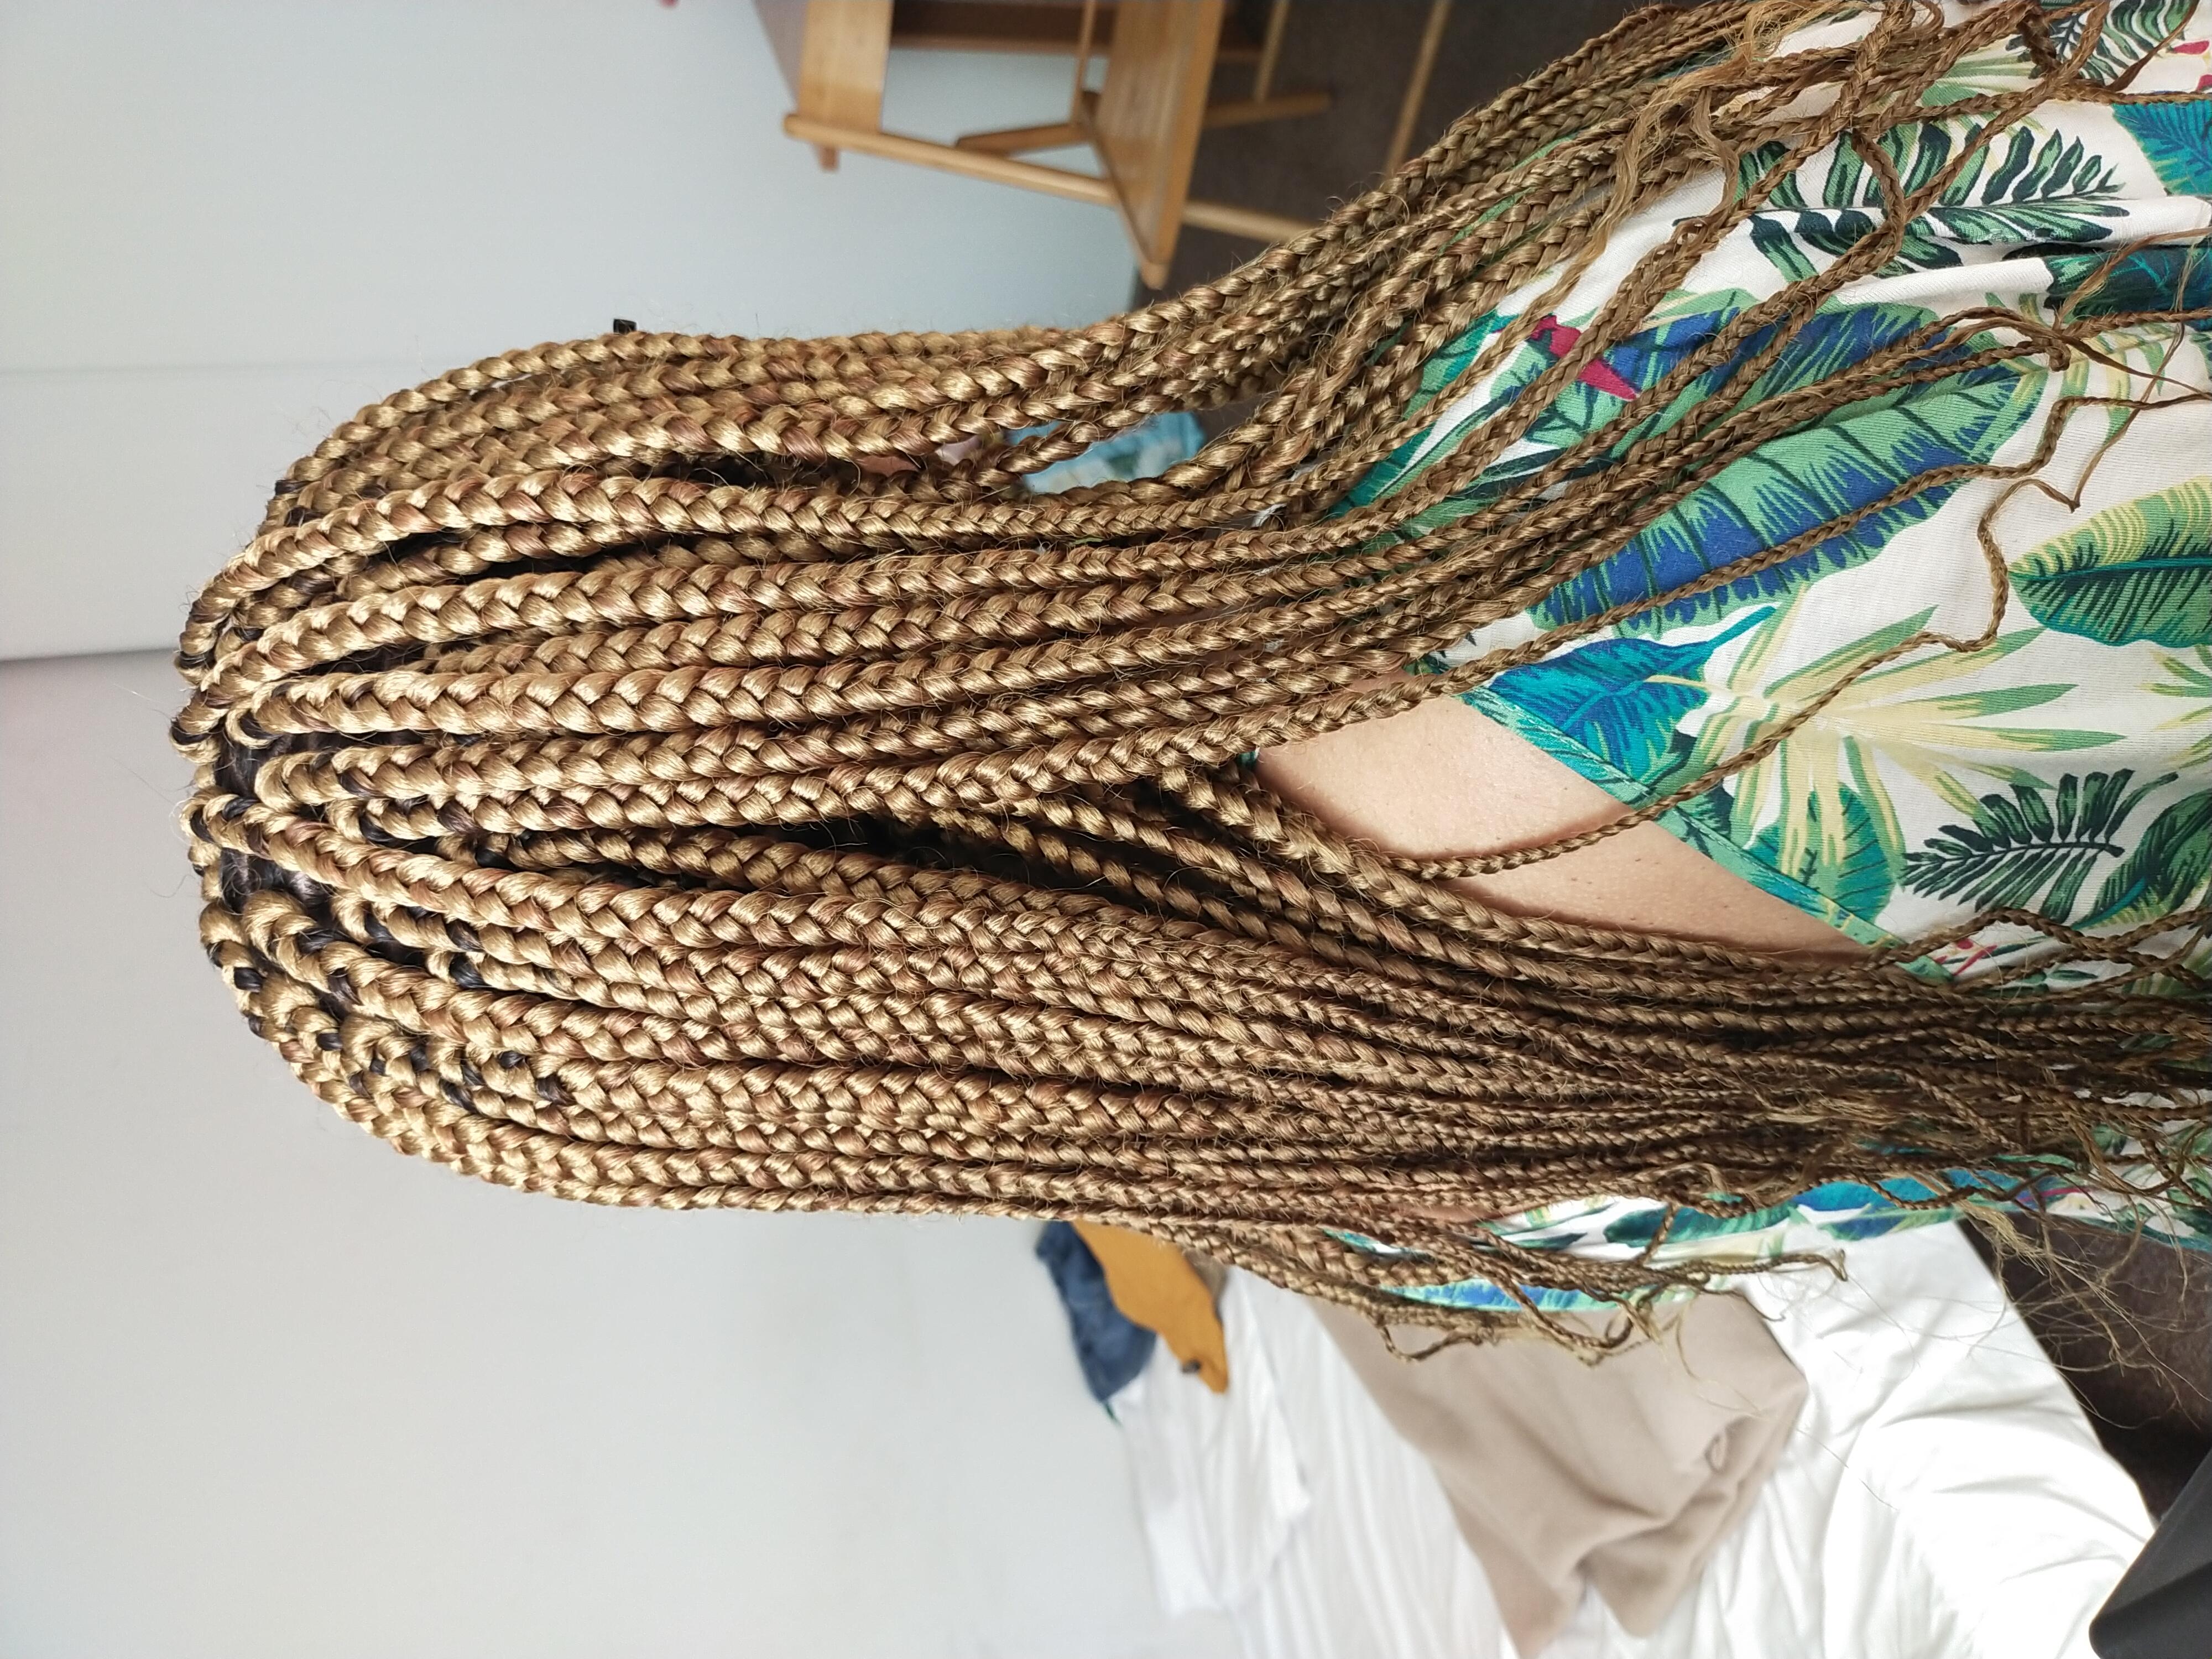 salon de coiffure afro tresse tresses box braids crochet braids vanilles tissages paris 75 77 78 91 92 93 94 95 CFWLORDI